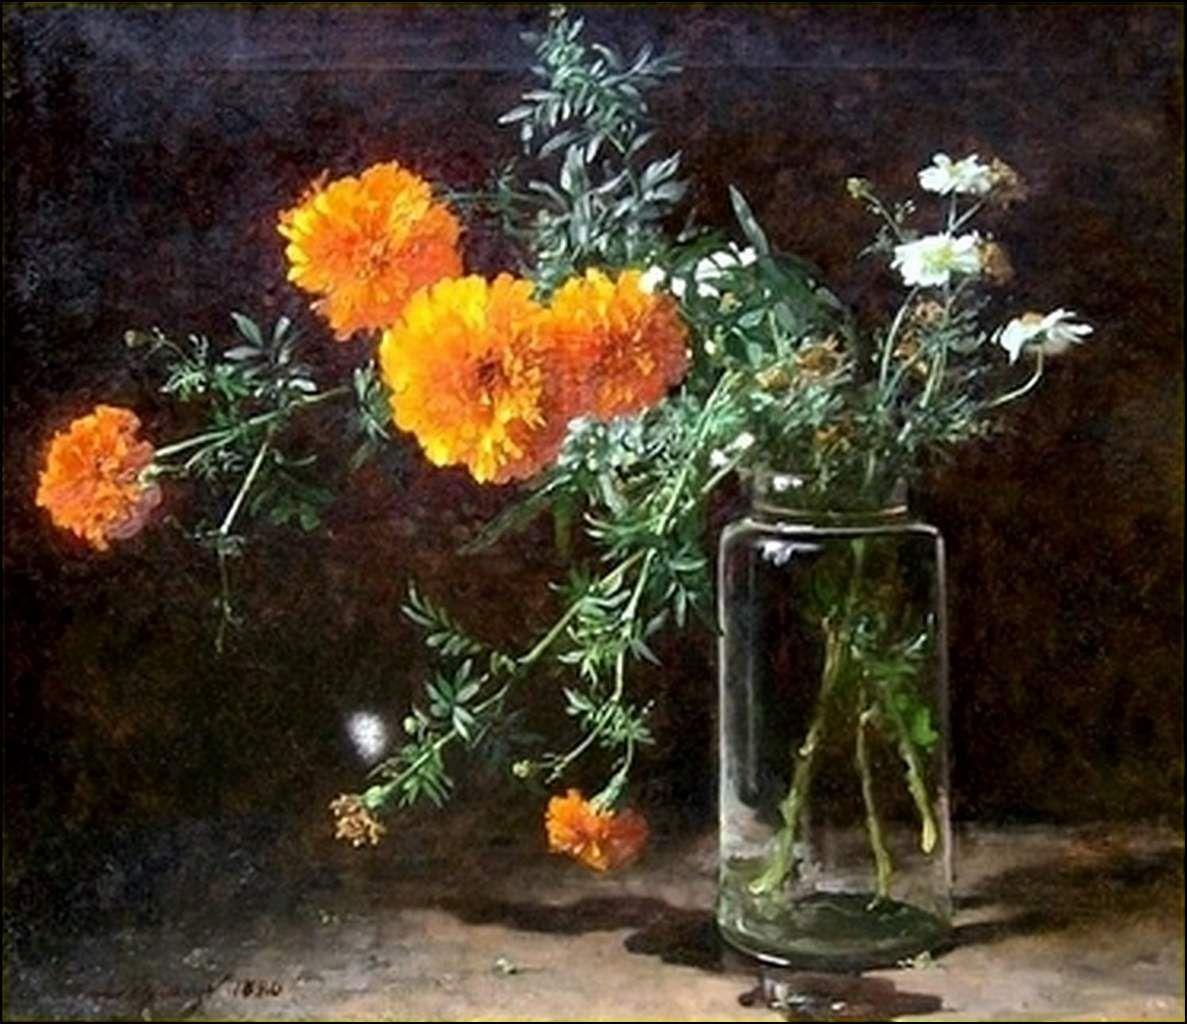 Les fleurs par les grands peintres (57) - Adolphe Louis-Napoléon Castex-Dégrange (1840-1918)